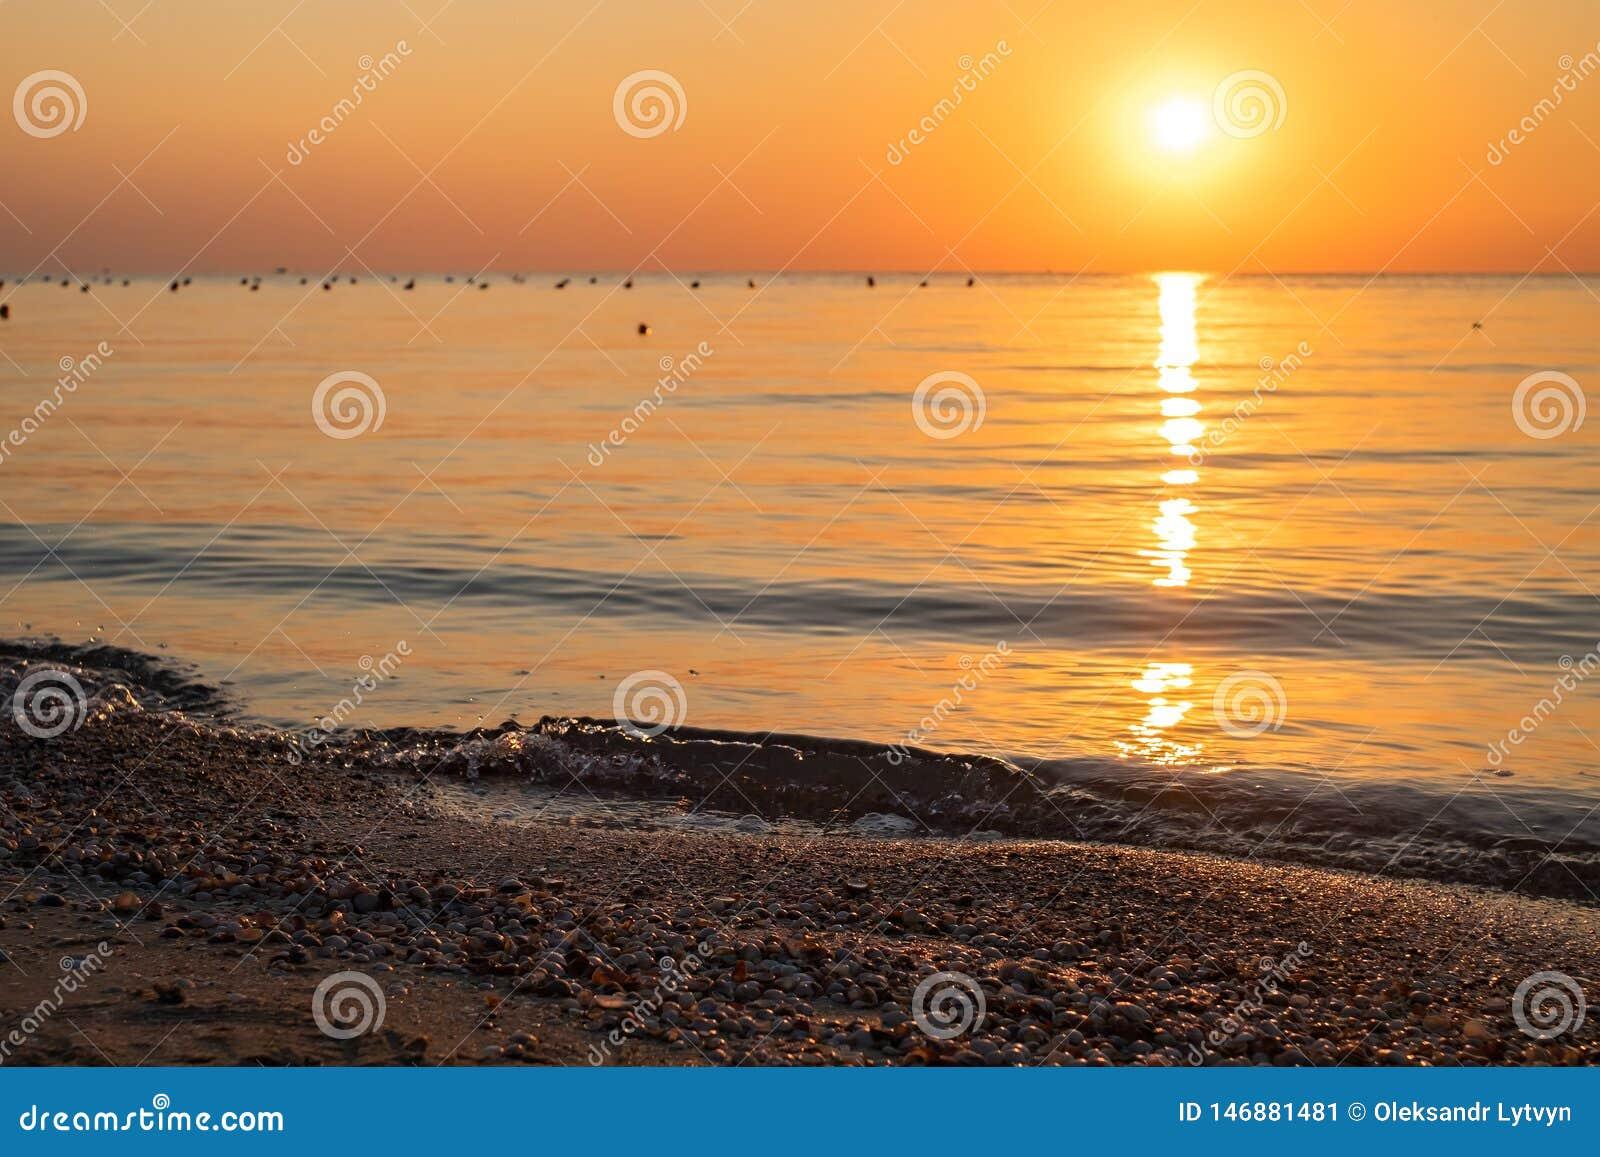 Conchas do mar na praia do mar contra o contexto de um alvorecer colorido Controle do foco